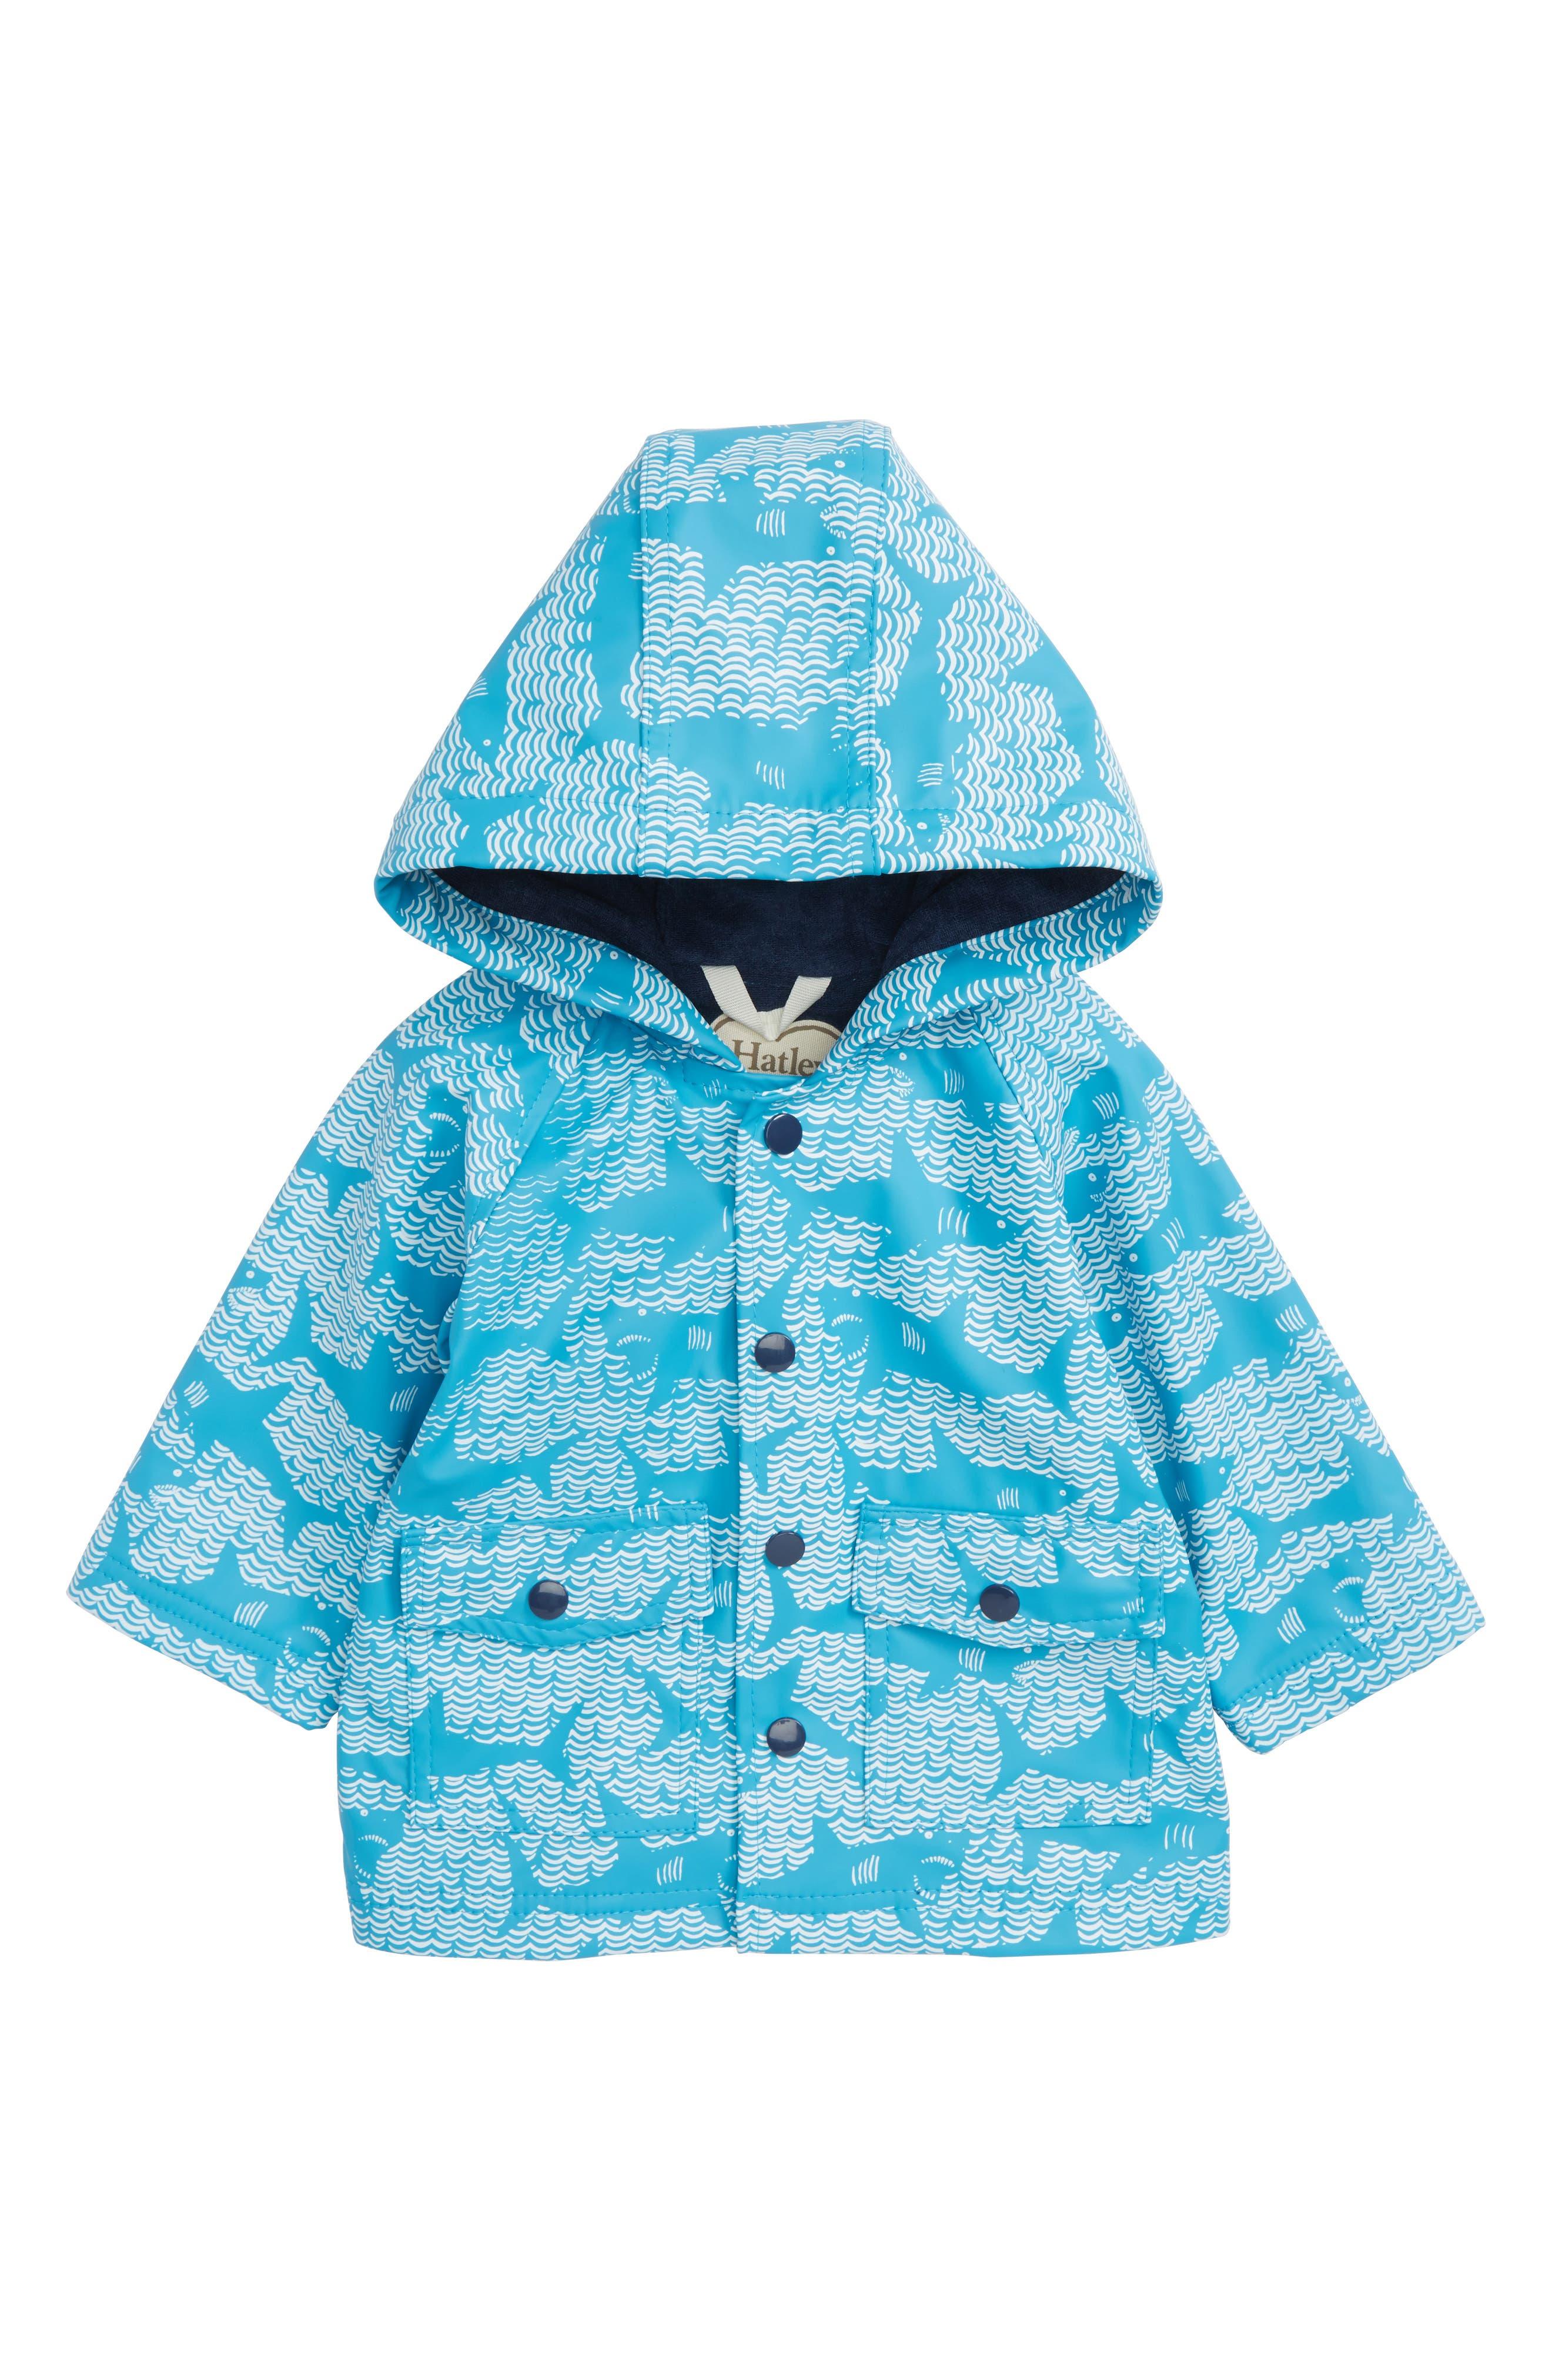 Hatley Shark Alley Hooded Raincoat (Baby Boys)